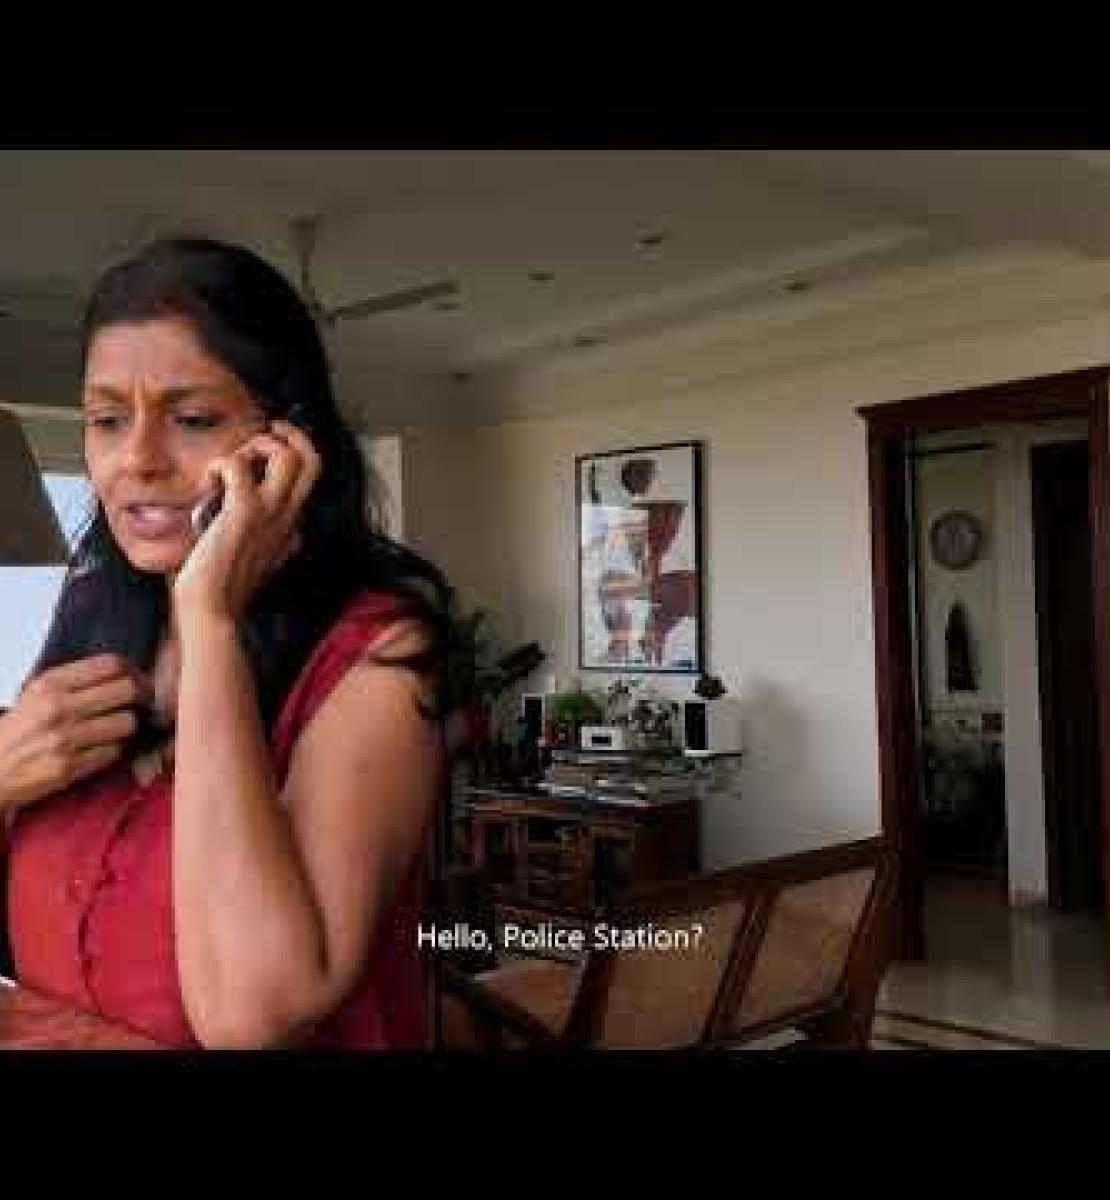 El cortometraje 'Listen to Her' sobre violencia doméstica despierta emoción y acción en la India